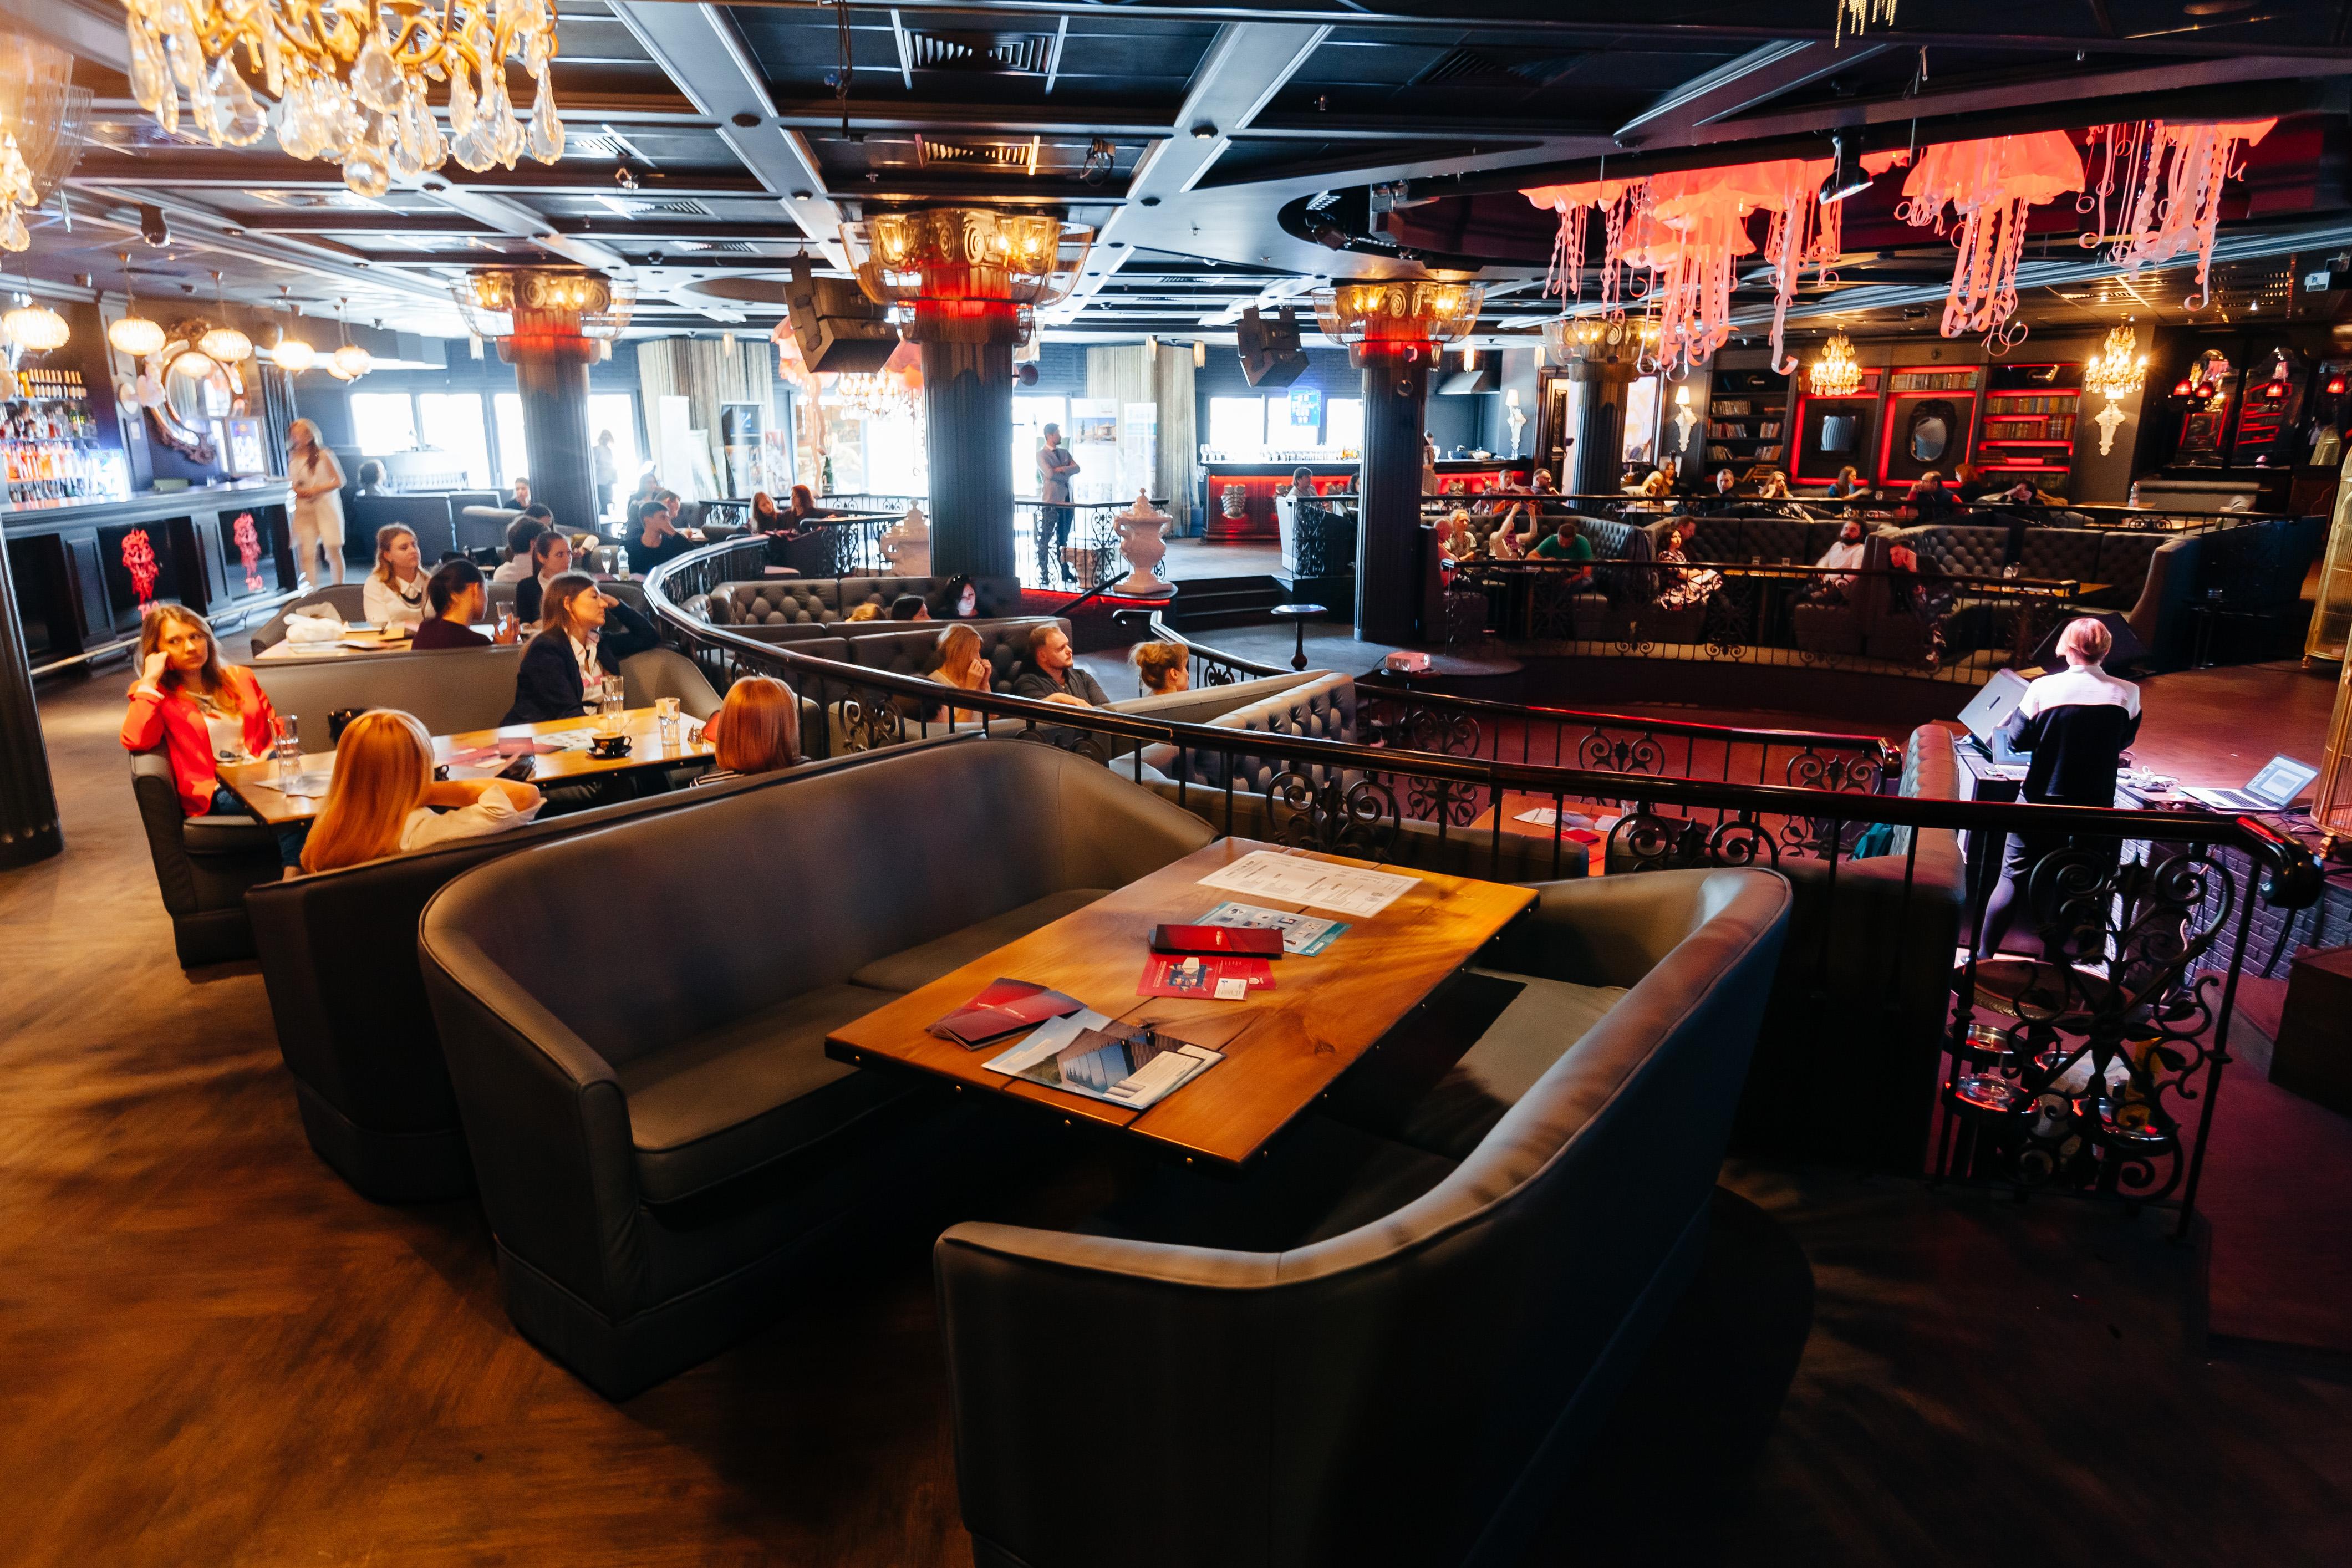 27 апреля в киевском ресторане TAO Restaurant & Dance Bar состоялось заседание Клуба Hoteliero® на тему «Food-фотография. Секреты и табу от идеи до продвижения»